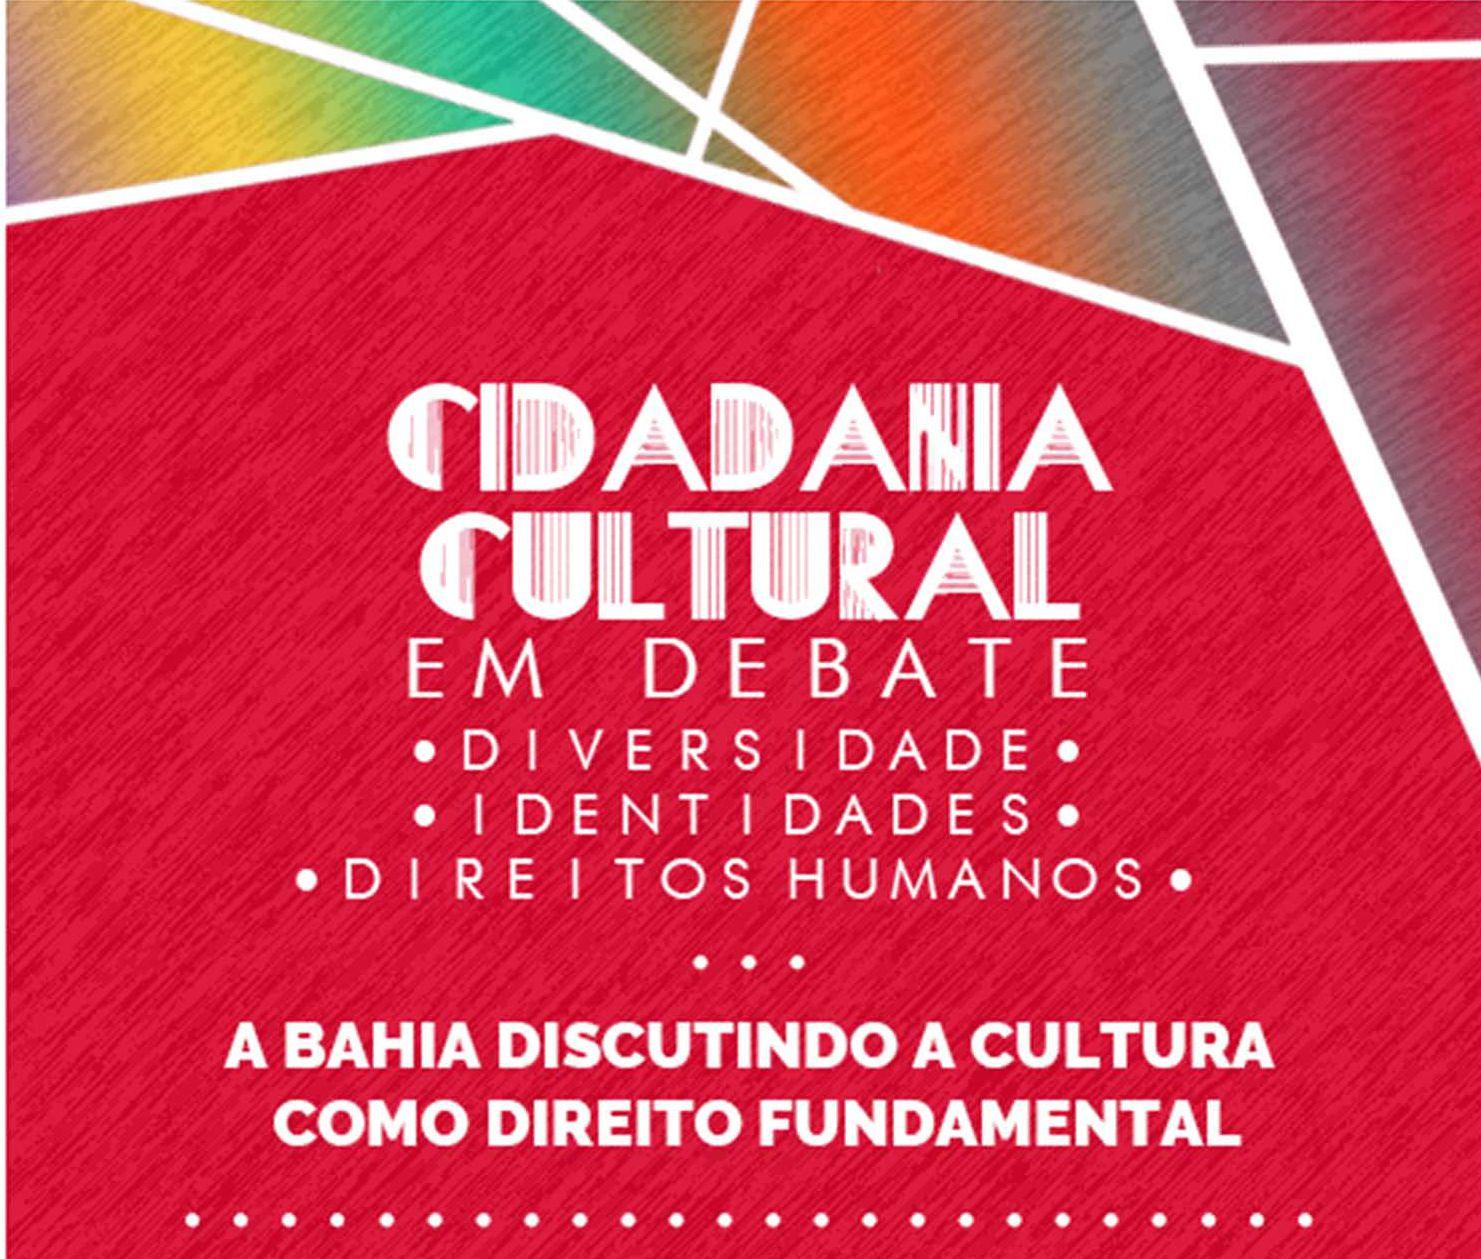 Cultura LGBT é tema da 2ª edição do Cidadania Cultural em Debate